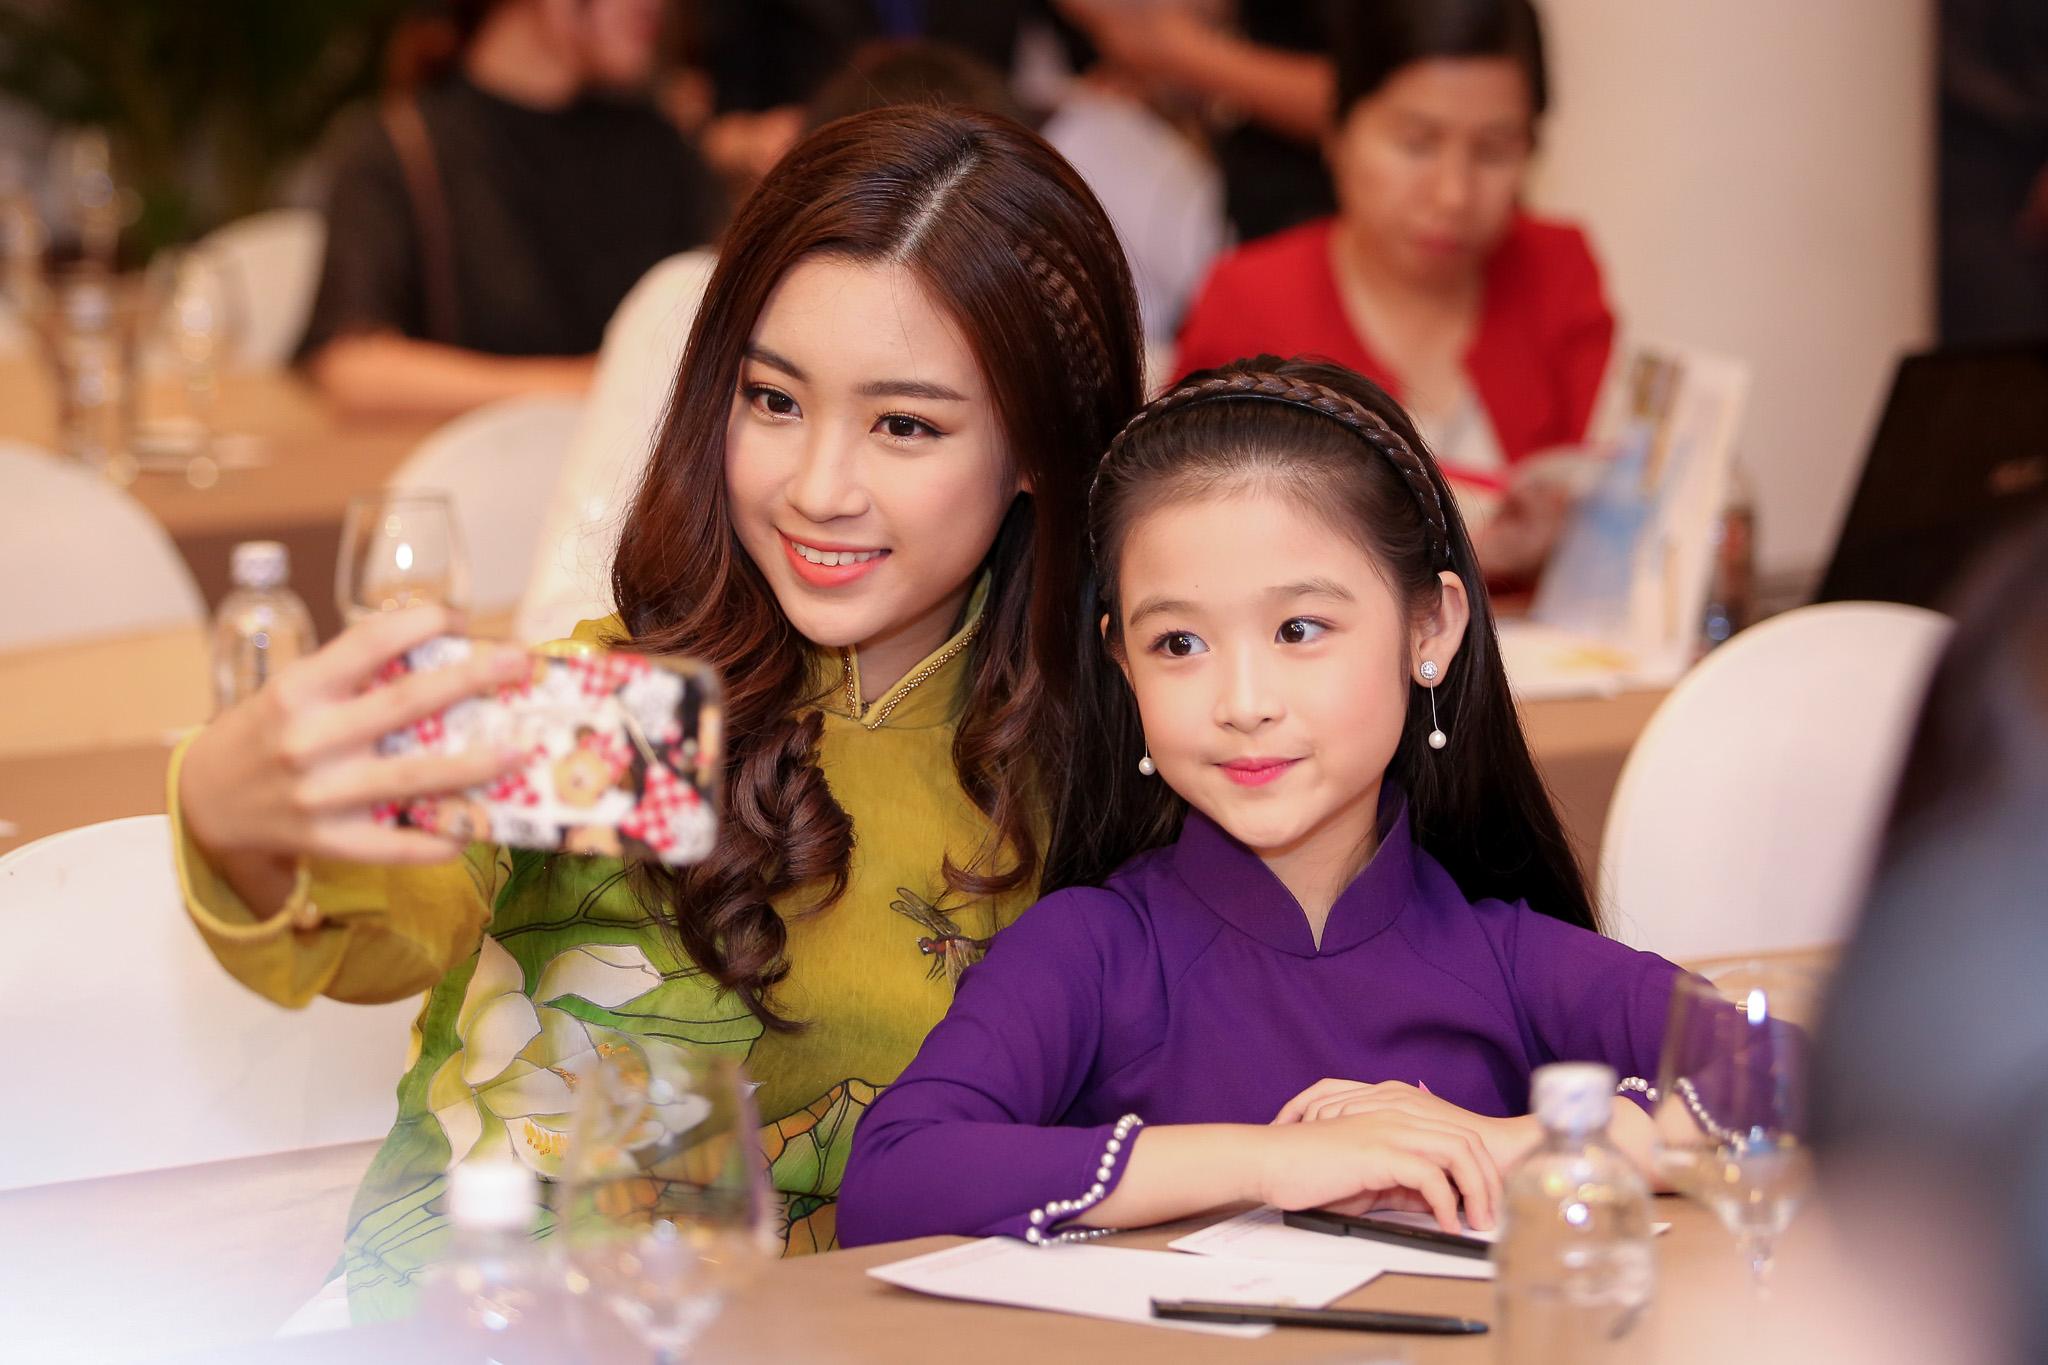 Hoa hậu Đỗ Mỹ Linh rạng rỡ dự sự kiện